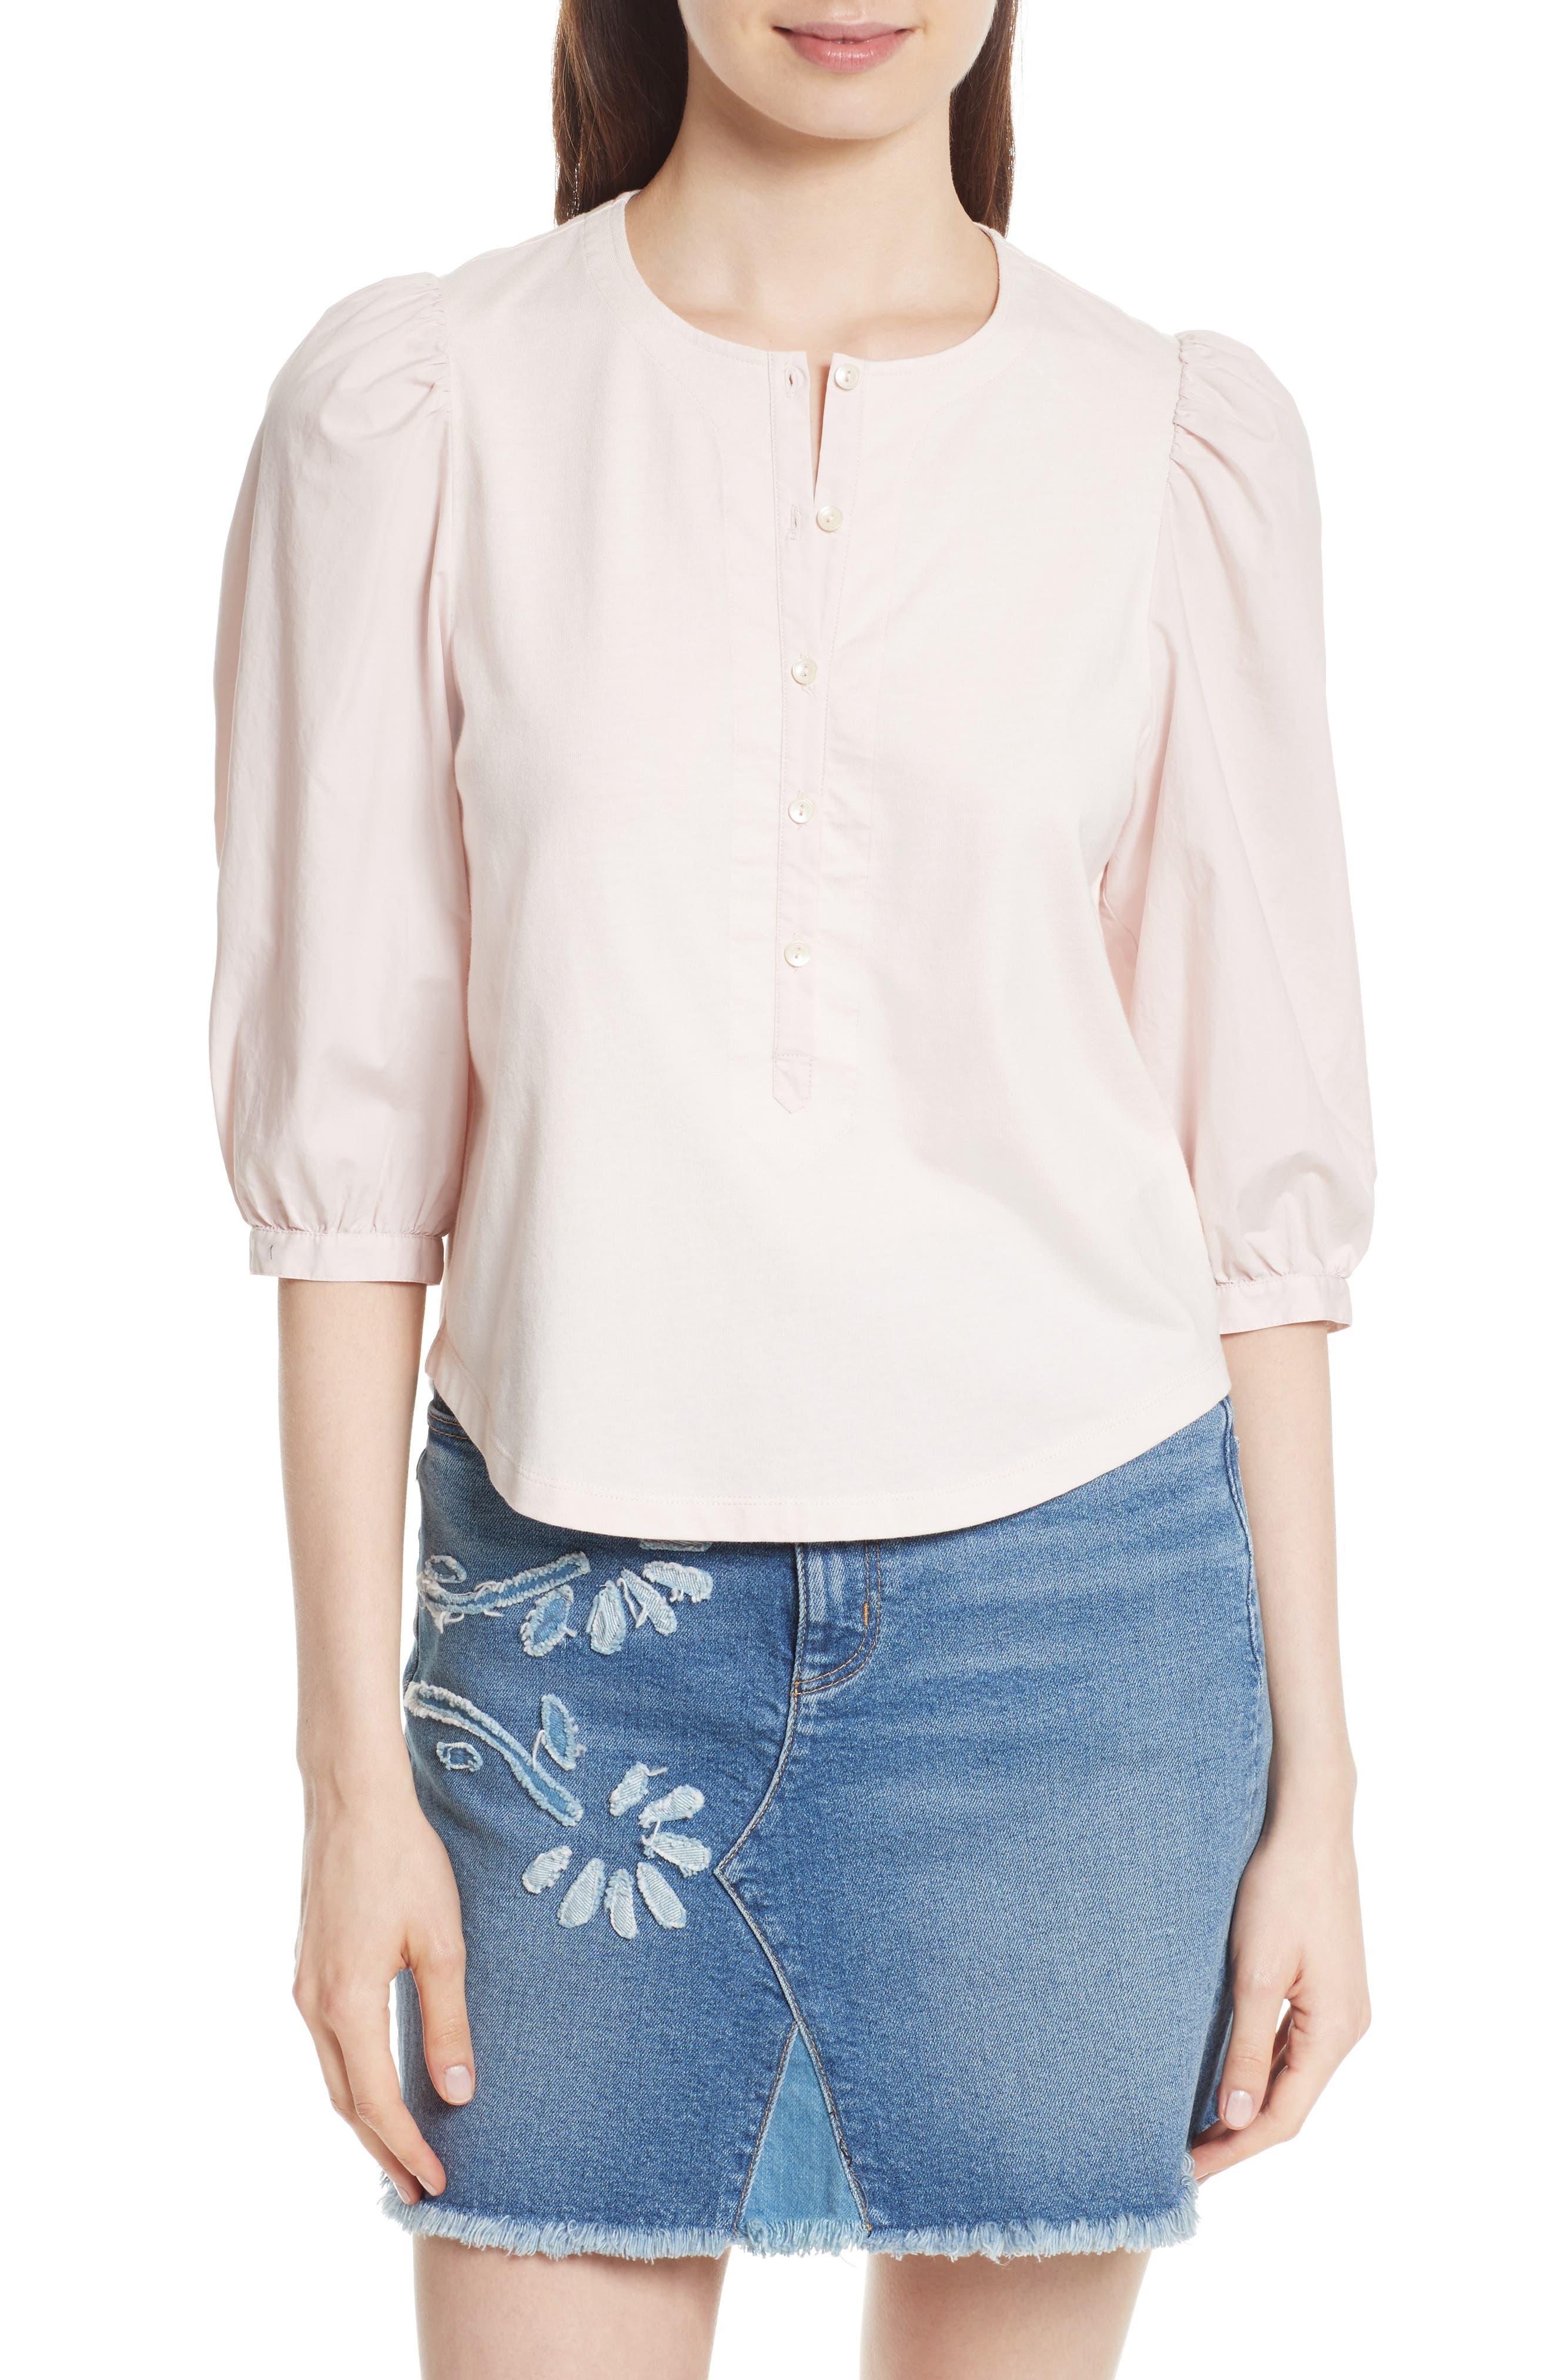 La Vie Rebecca Taylor Poplin Sleeve Jersey Top